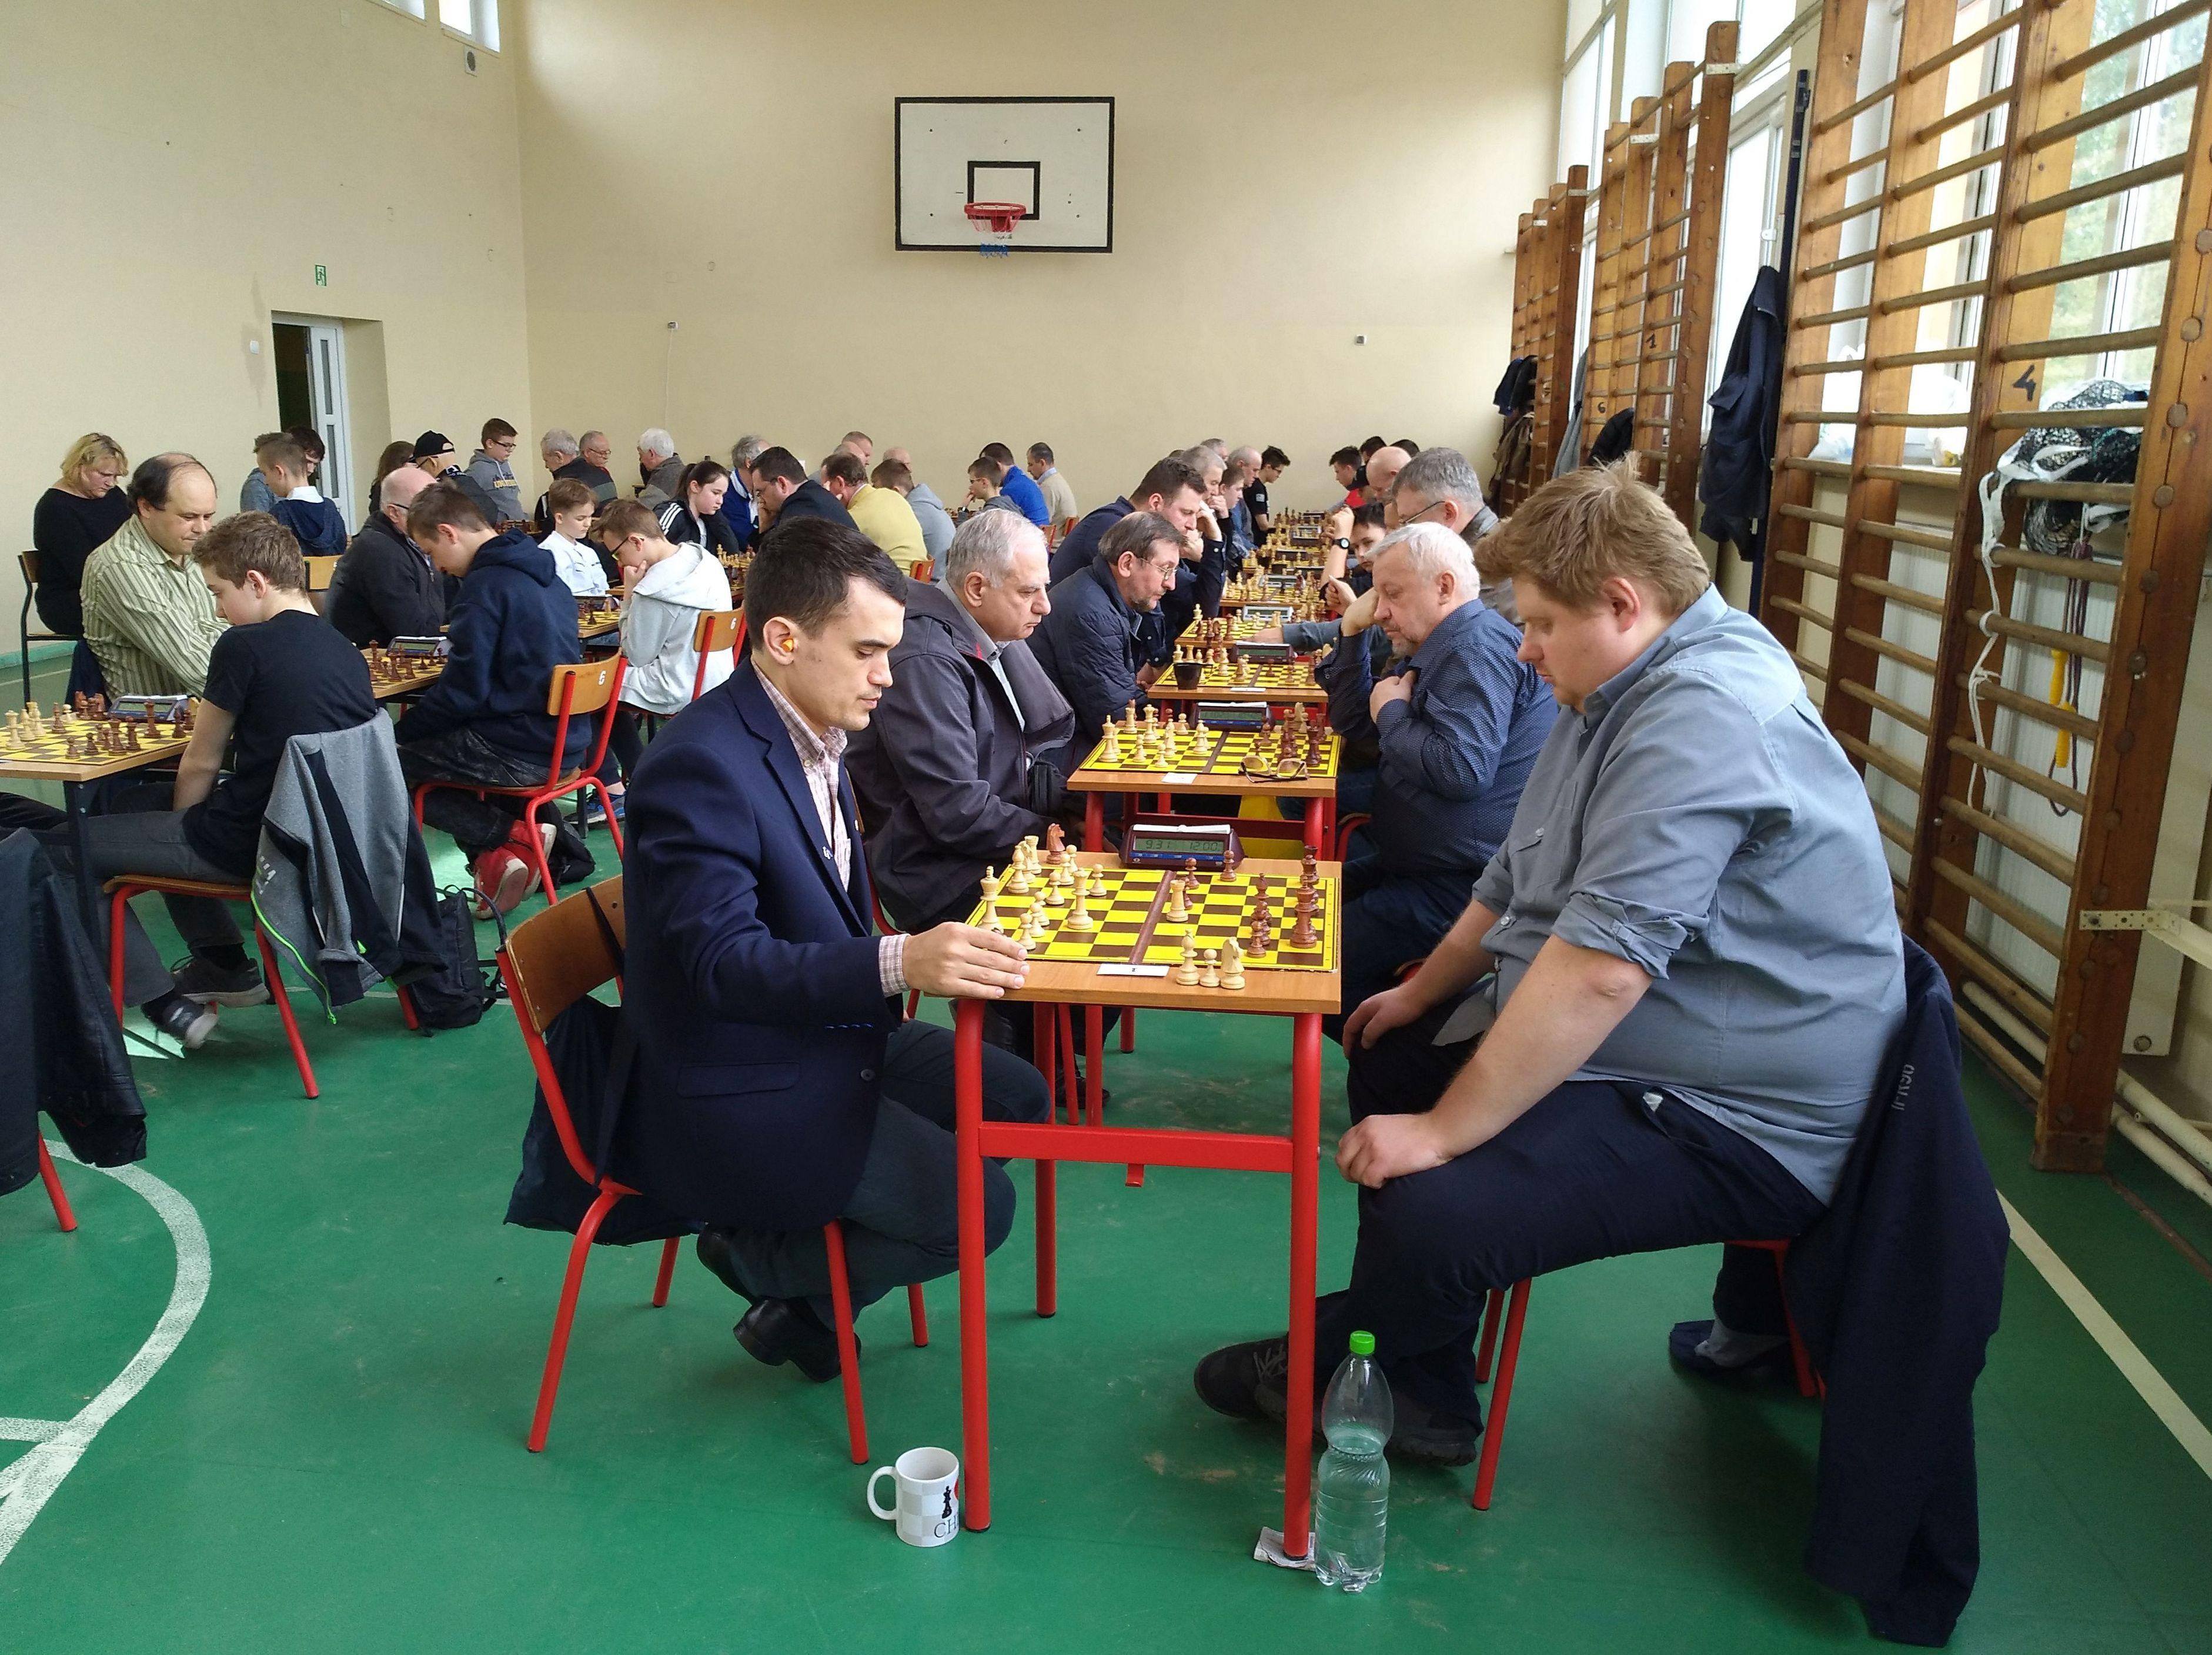 turniej o puchar burmistrza gryfic 2018, zawodnicy na sali gry w sp3 w Gryficach, partia na pierwszej szachownicy